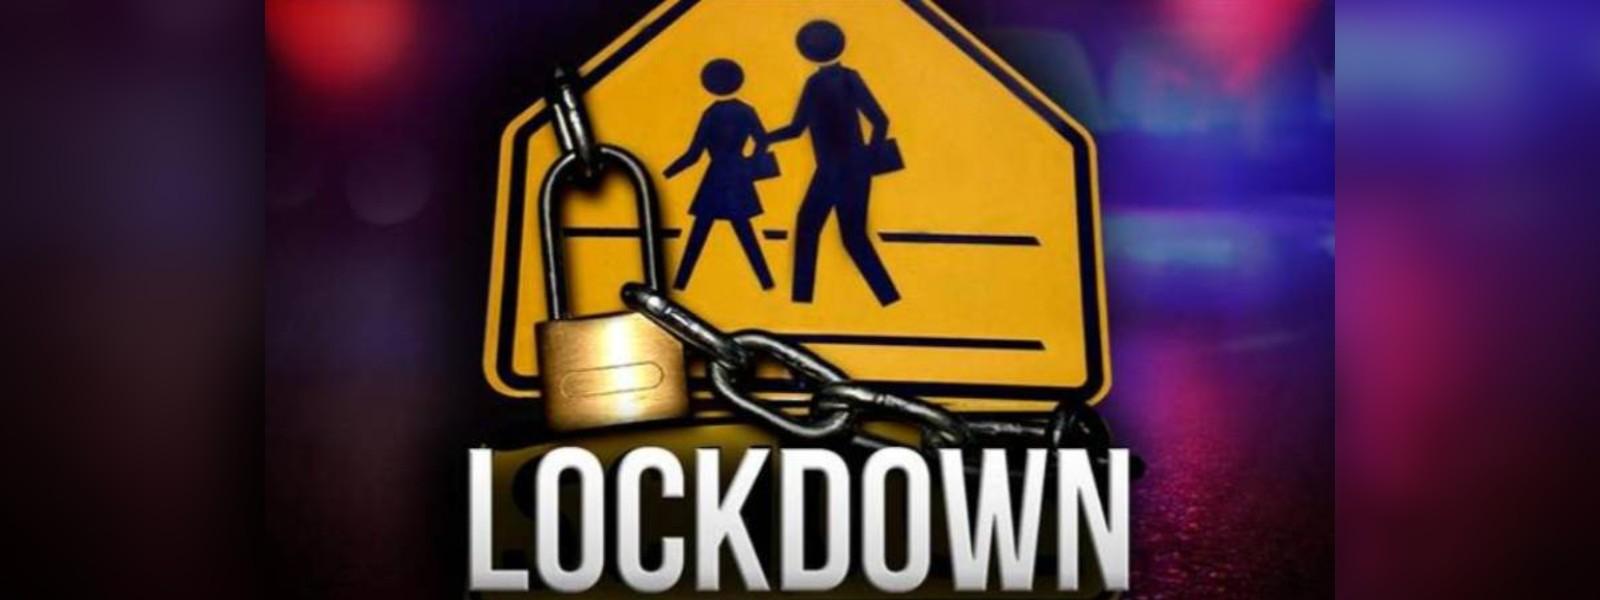 කොළඹ තවත් ප්රදේශ කිහිපයක් සඳුදා සිට Lockdown කෙරේ